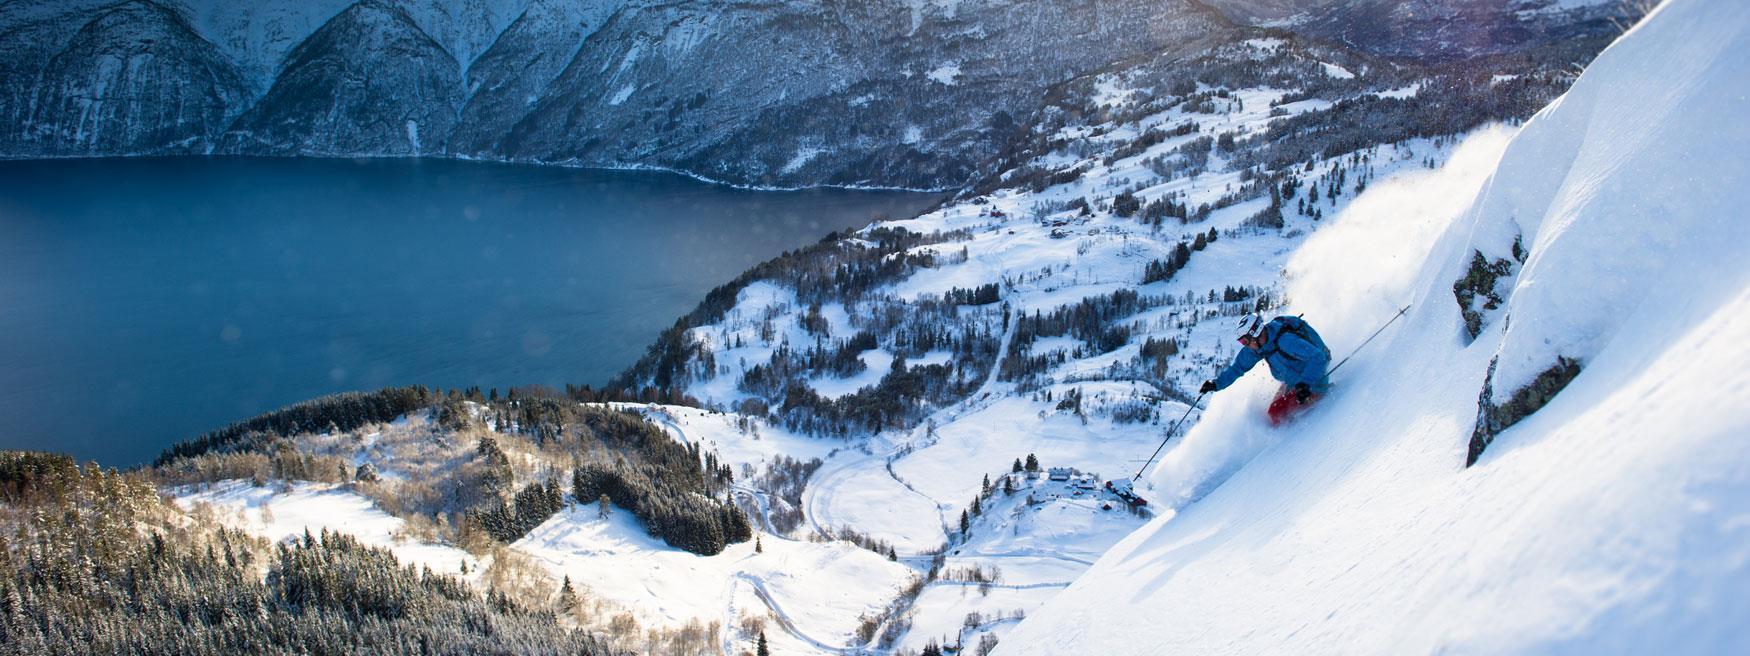 www.fjordnorway.com4.jpg